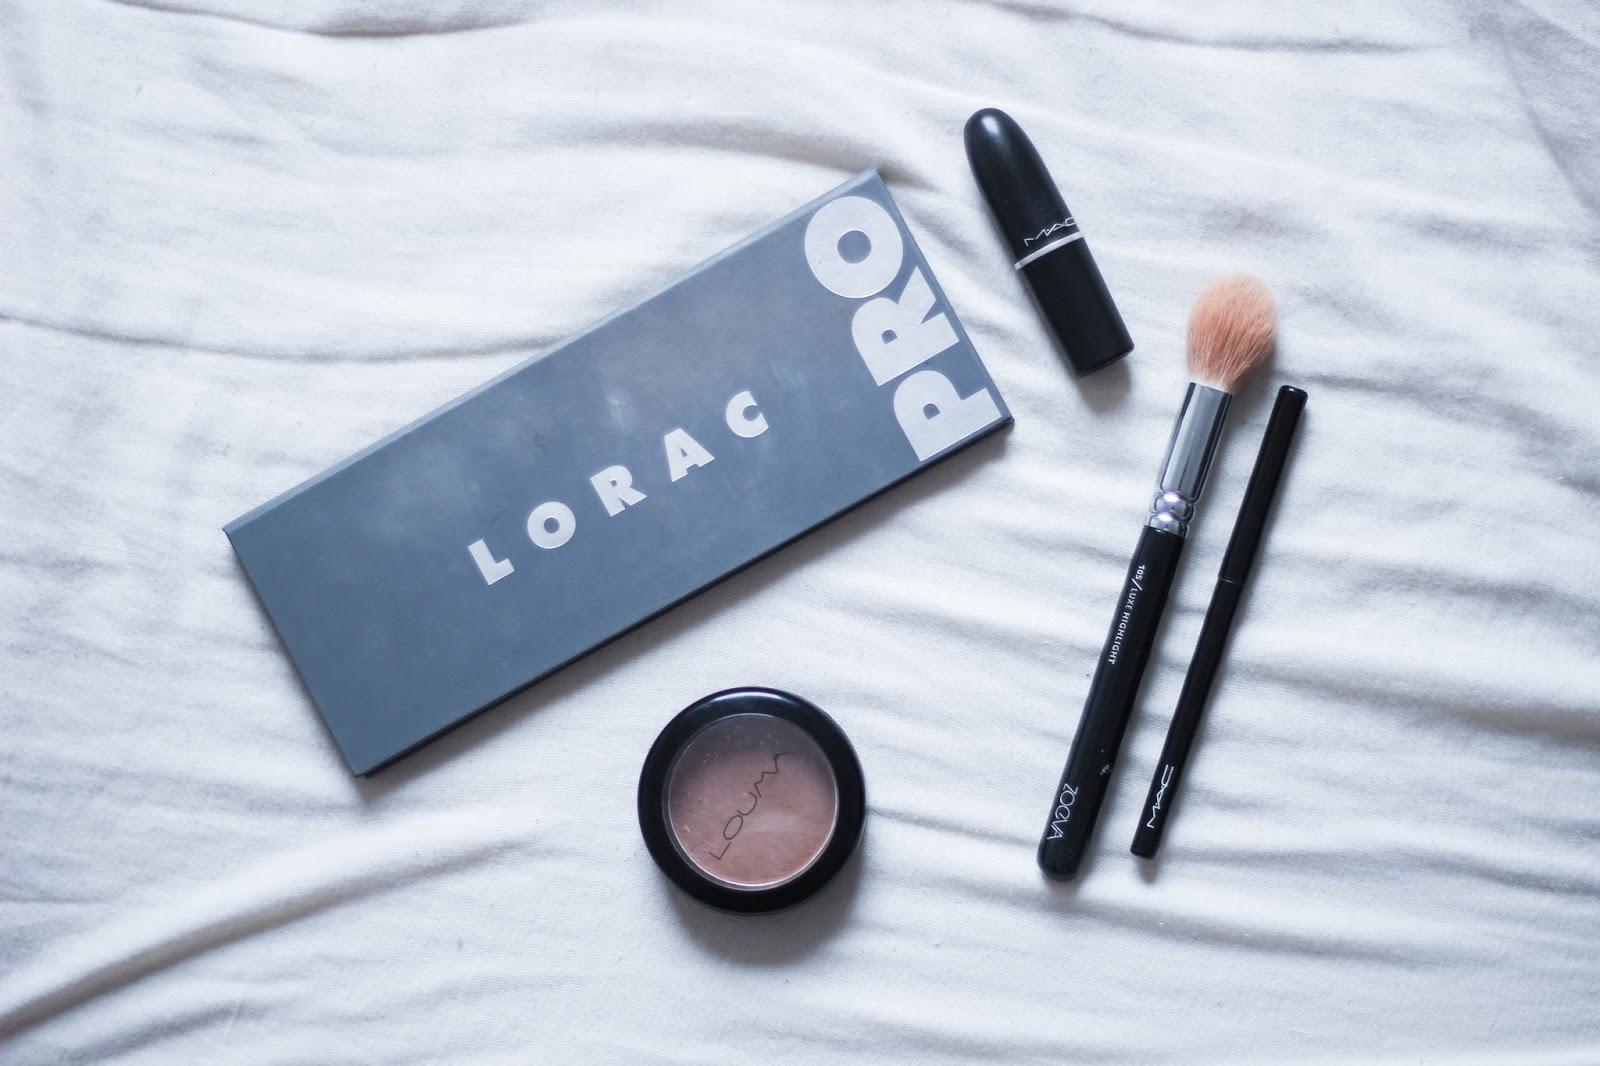 Lorac Pro Palette 2 Review || www.lootieloosplasticworld.de